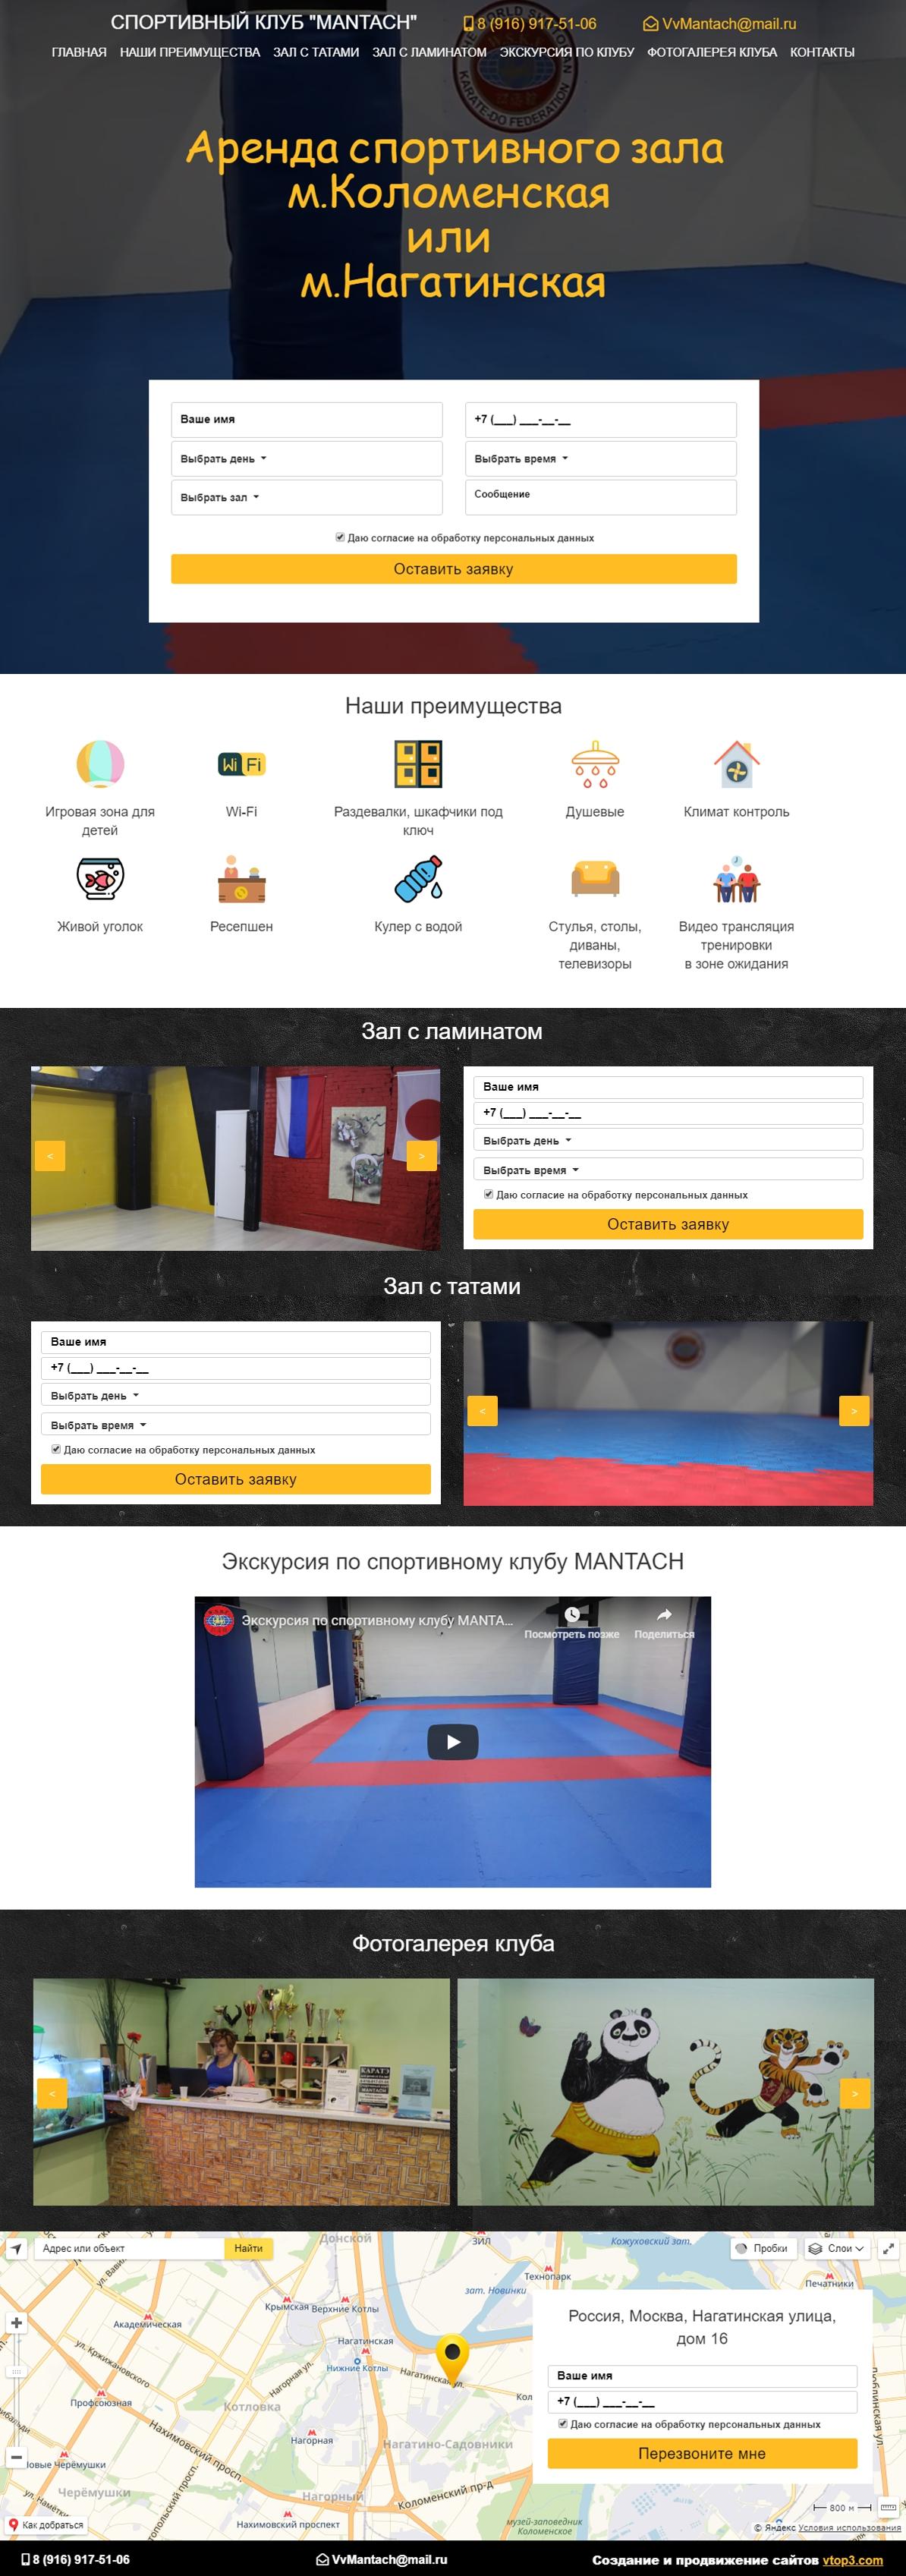 Создание сайта по аренде спортивного зала